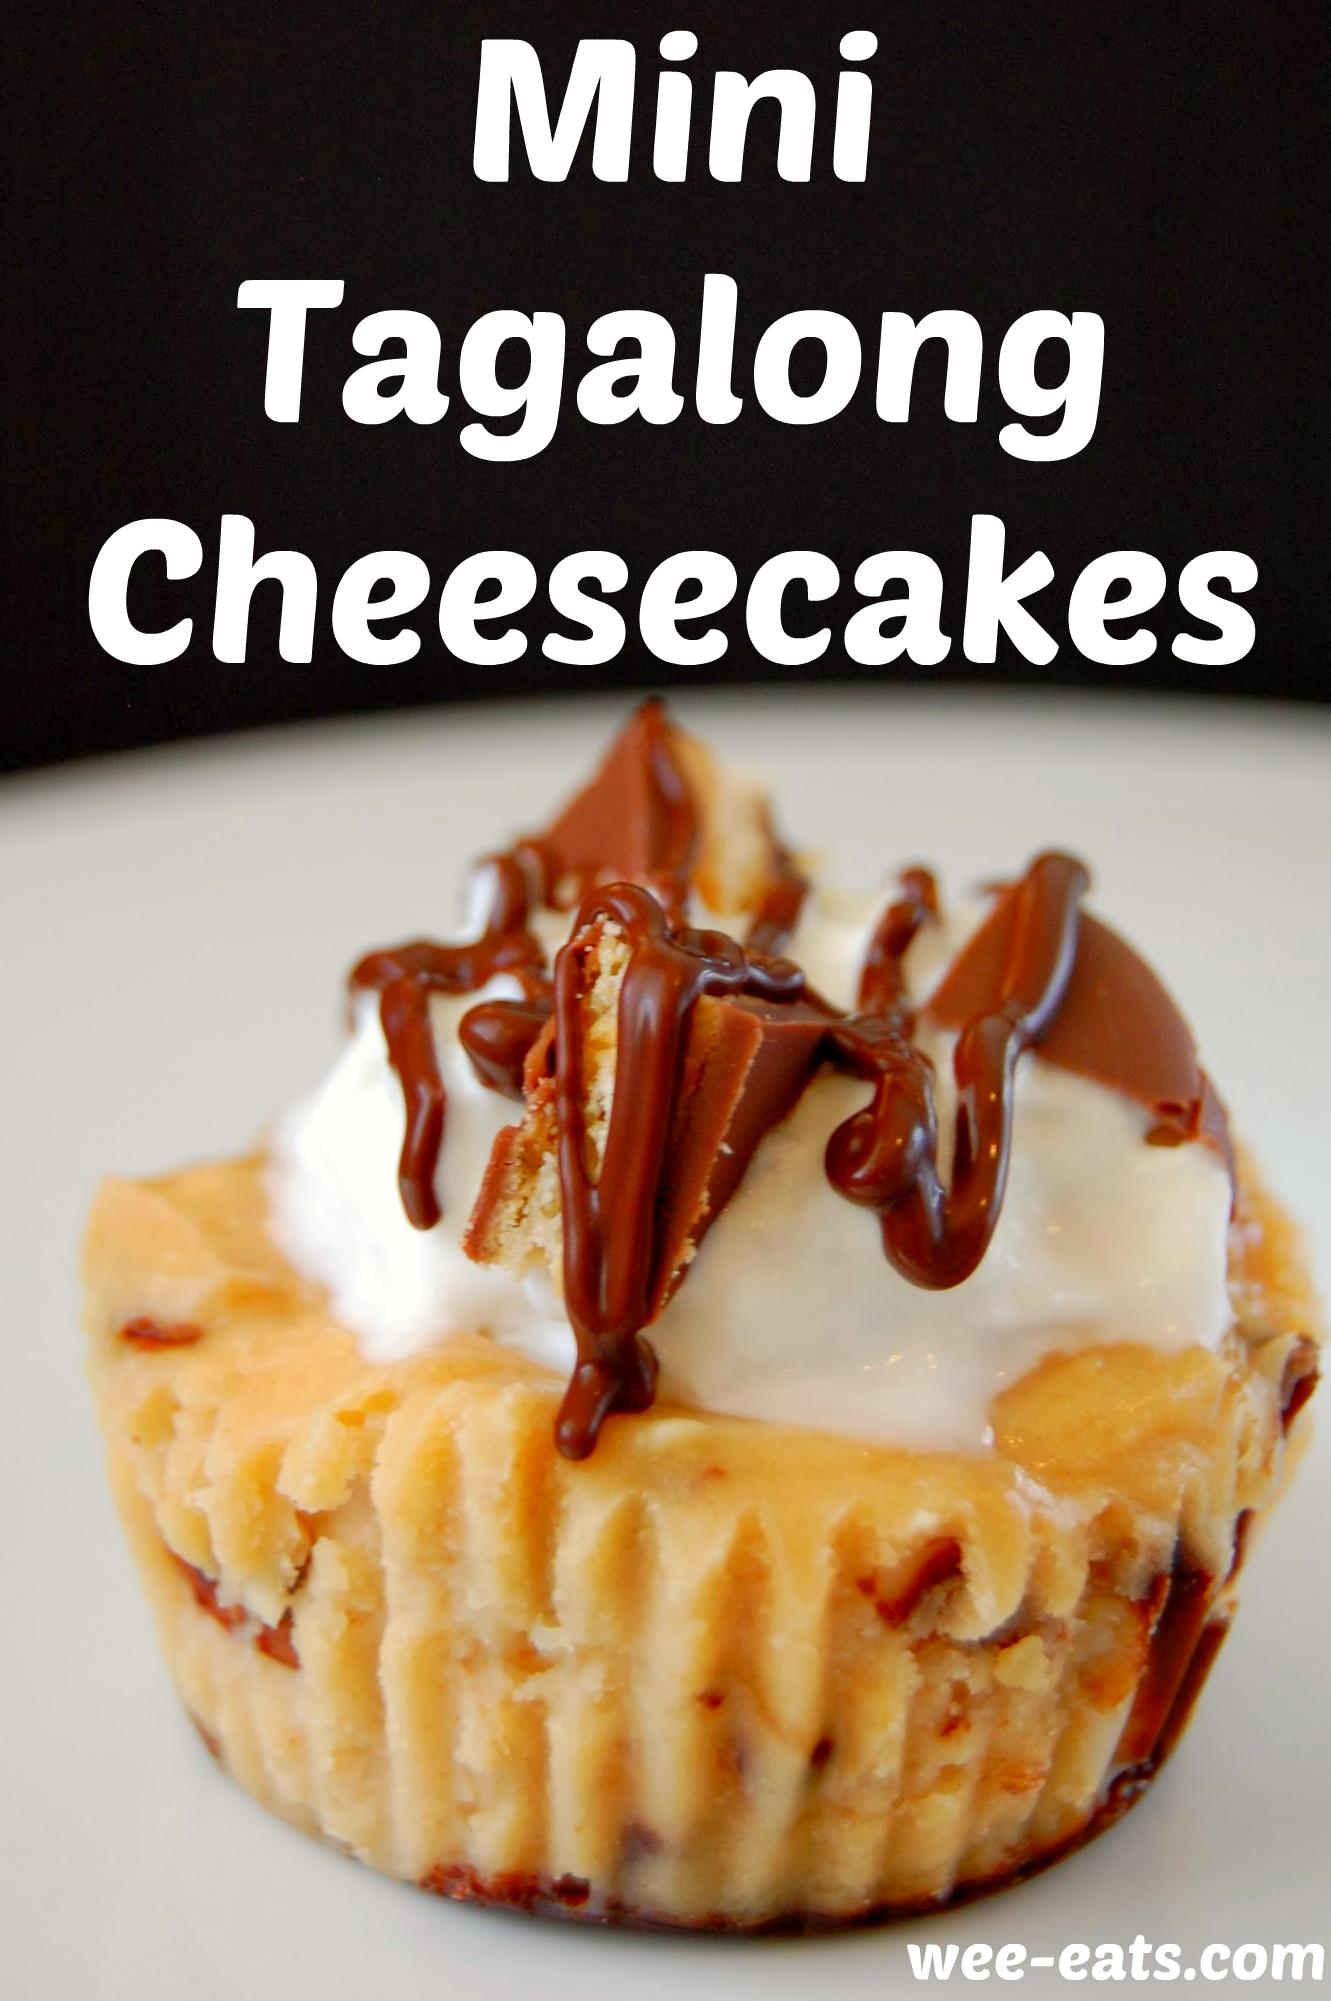 tagalong cheesecake pin 0959